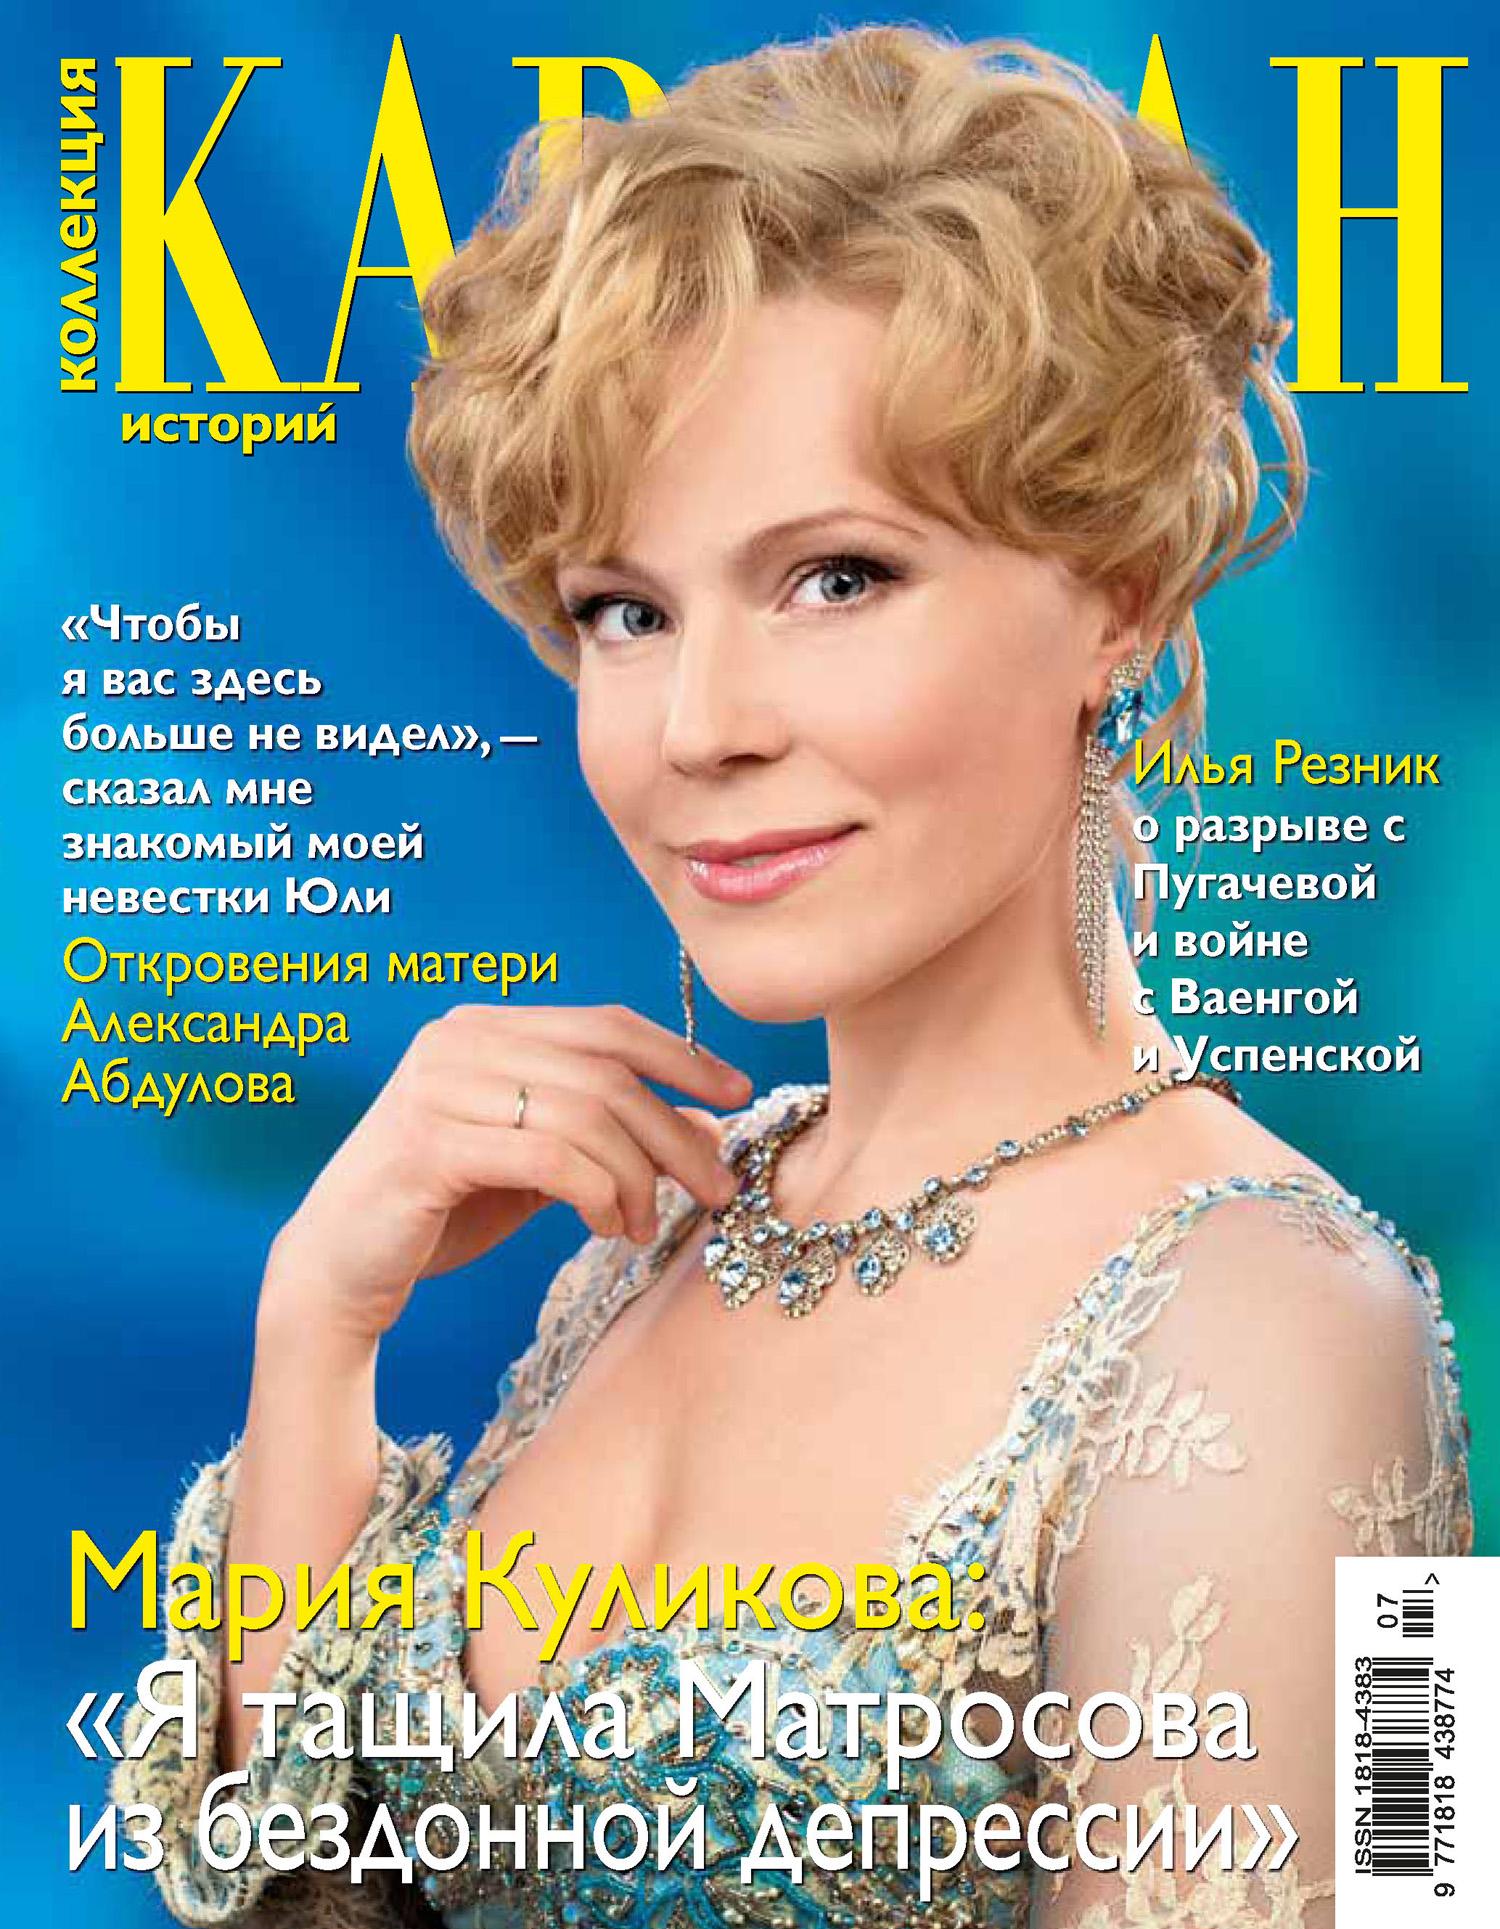 Отсутствует Коллекция Караван историй №07 / июль 2012